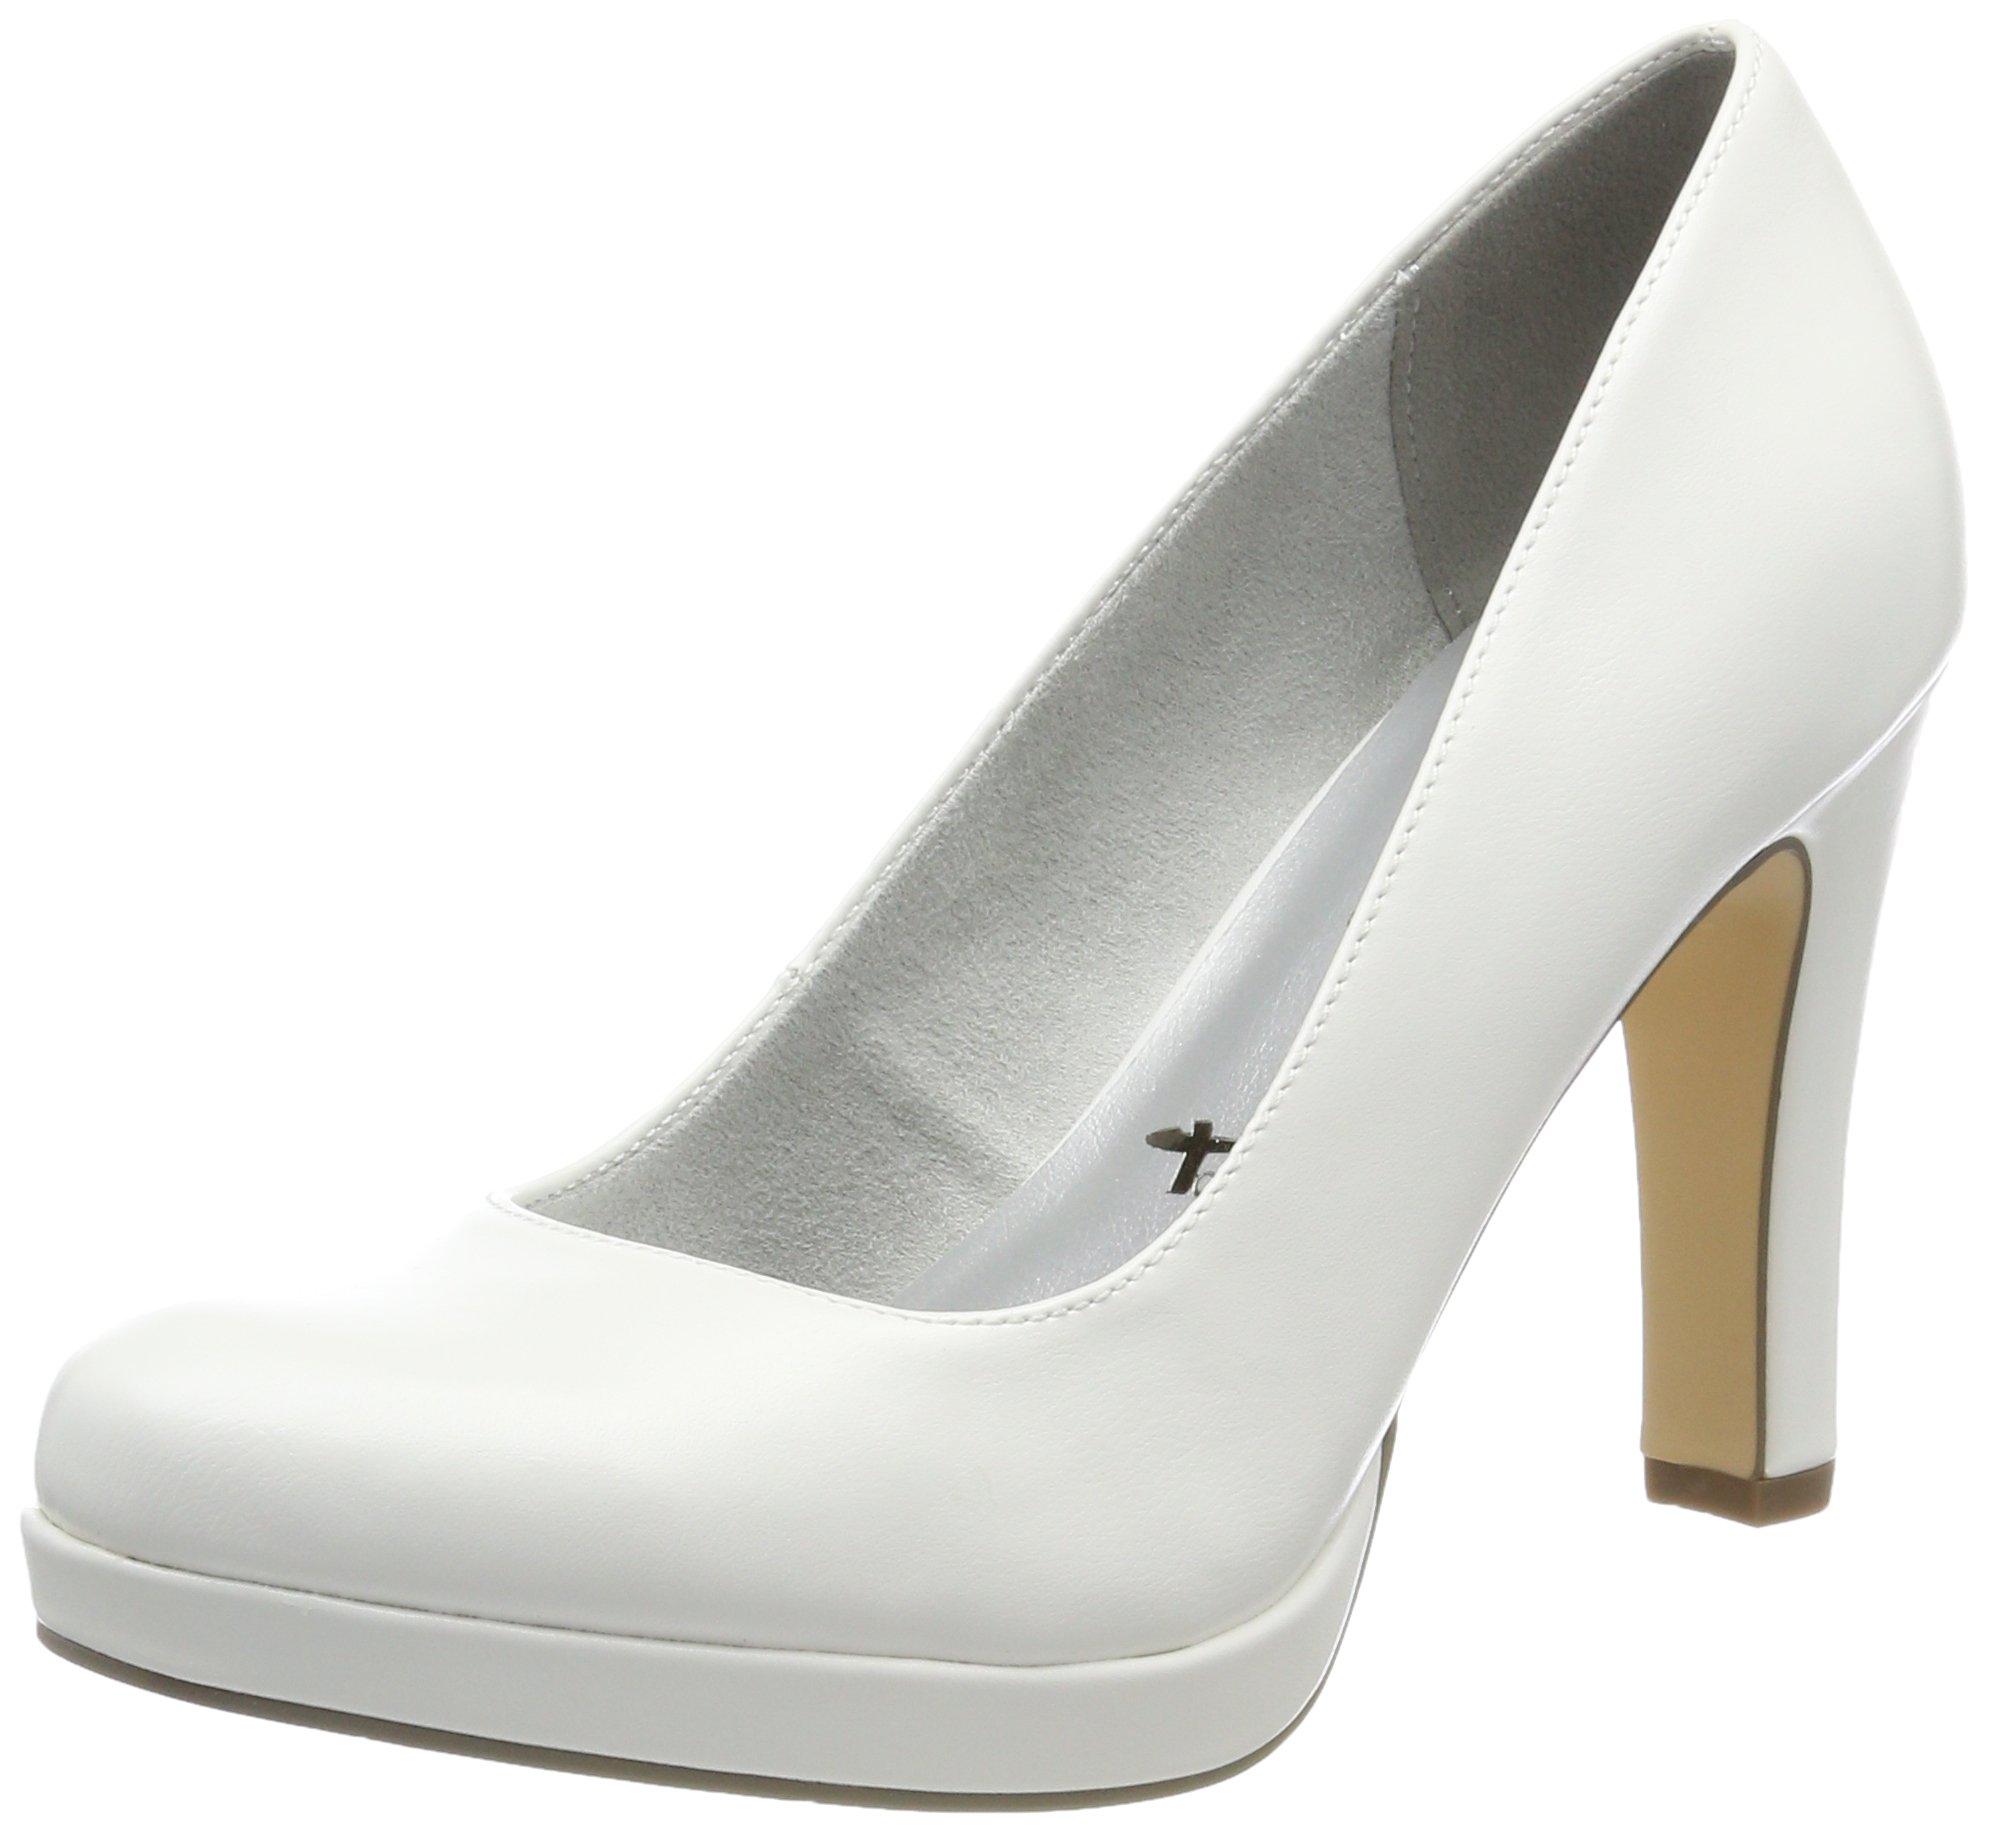 Mejor valorados en Zapatos de tacón   Opiniones útiles de nuestros ... 85a6bb6b52e7